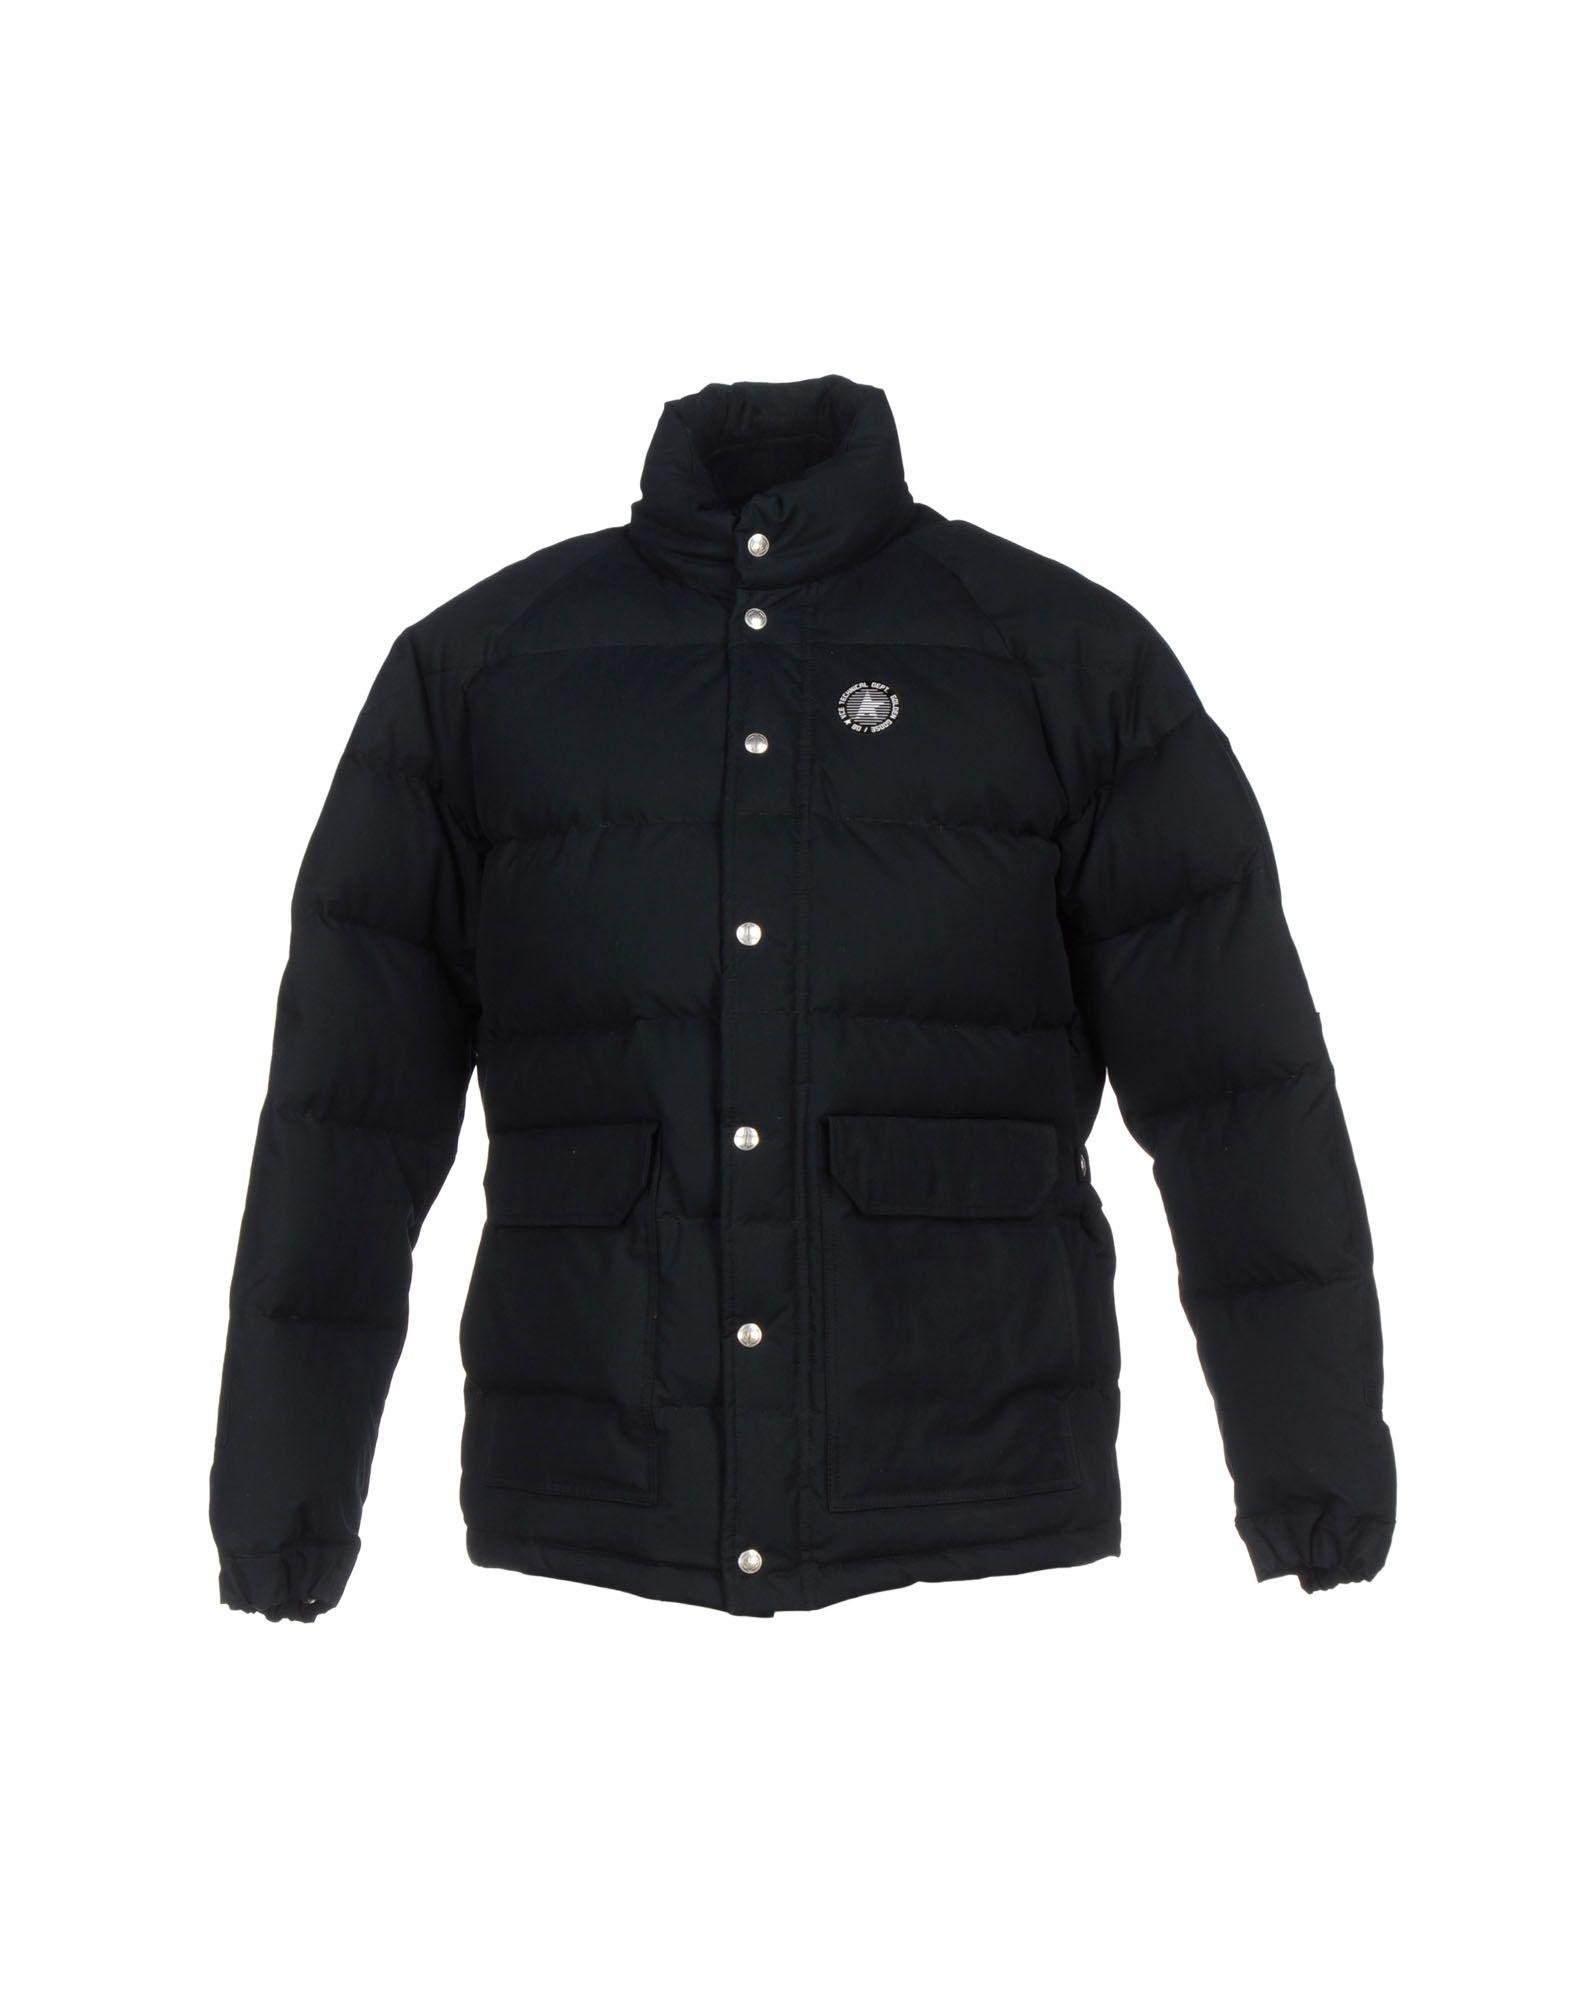 Goose Down Jacket For Men